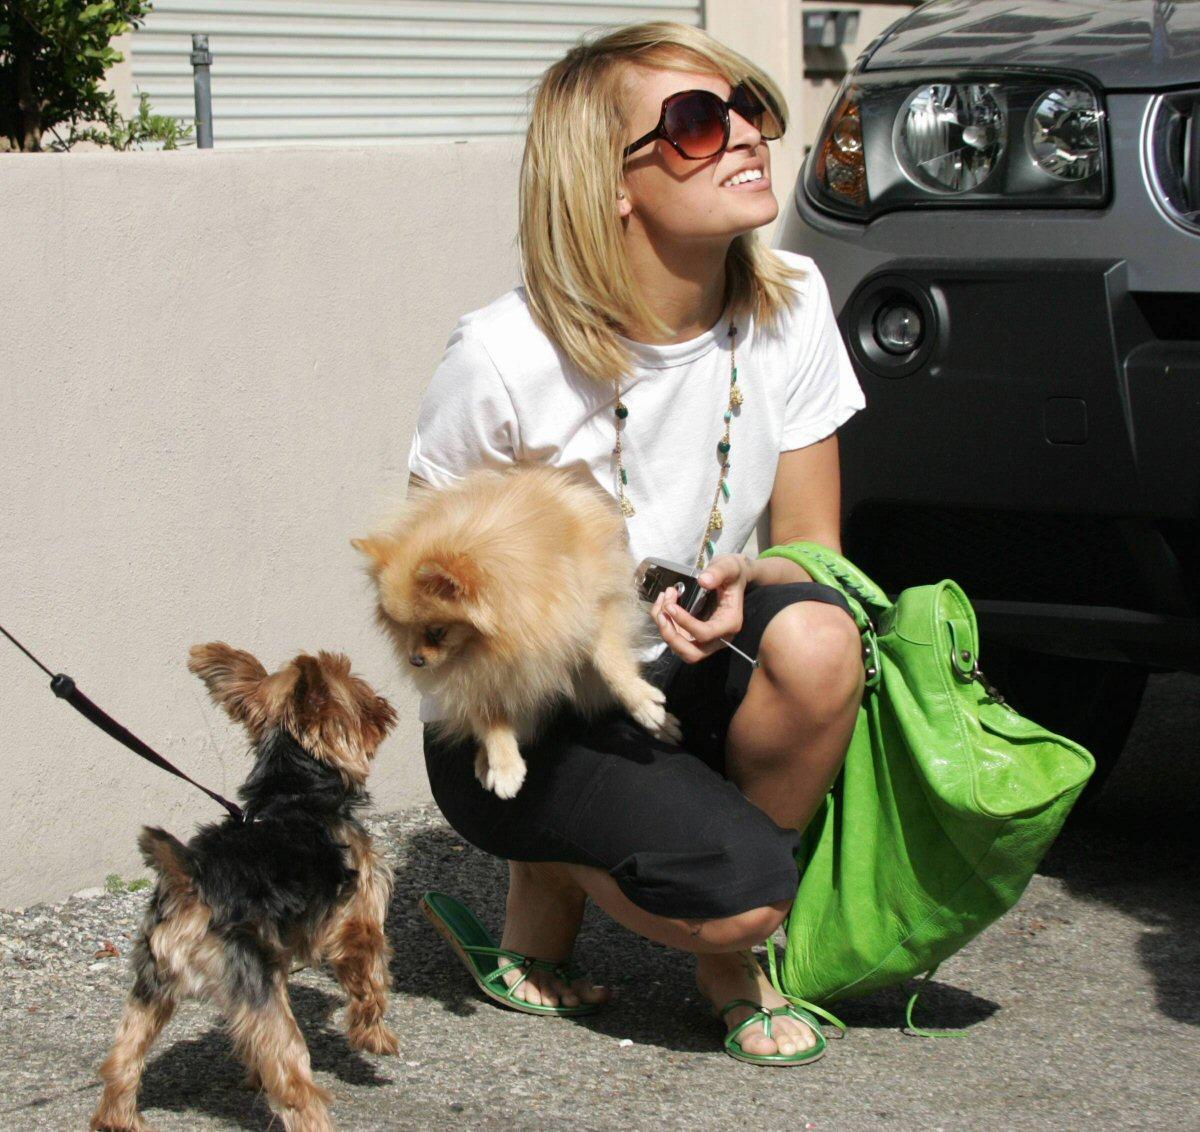 http://2.bp.blogspot.com/_lKe2XK1kSnY/S8dkzddvdHI/AAAAAAAABsY/mQBmuMBLueg/s1600/nicole-richie-dogs.jpg